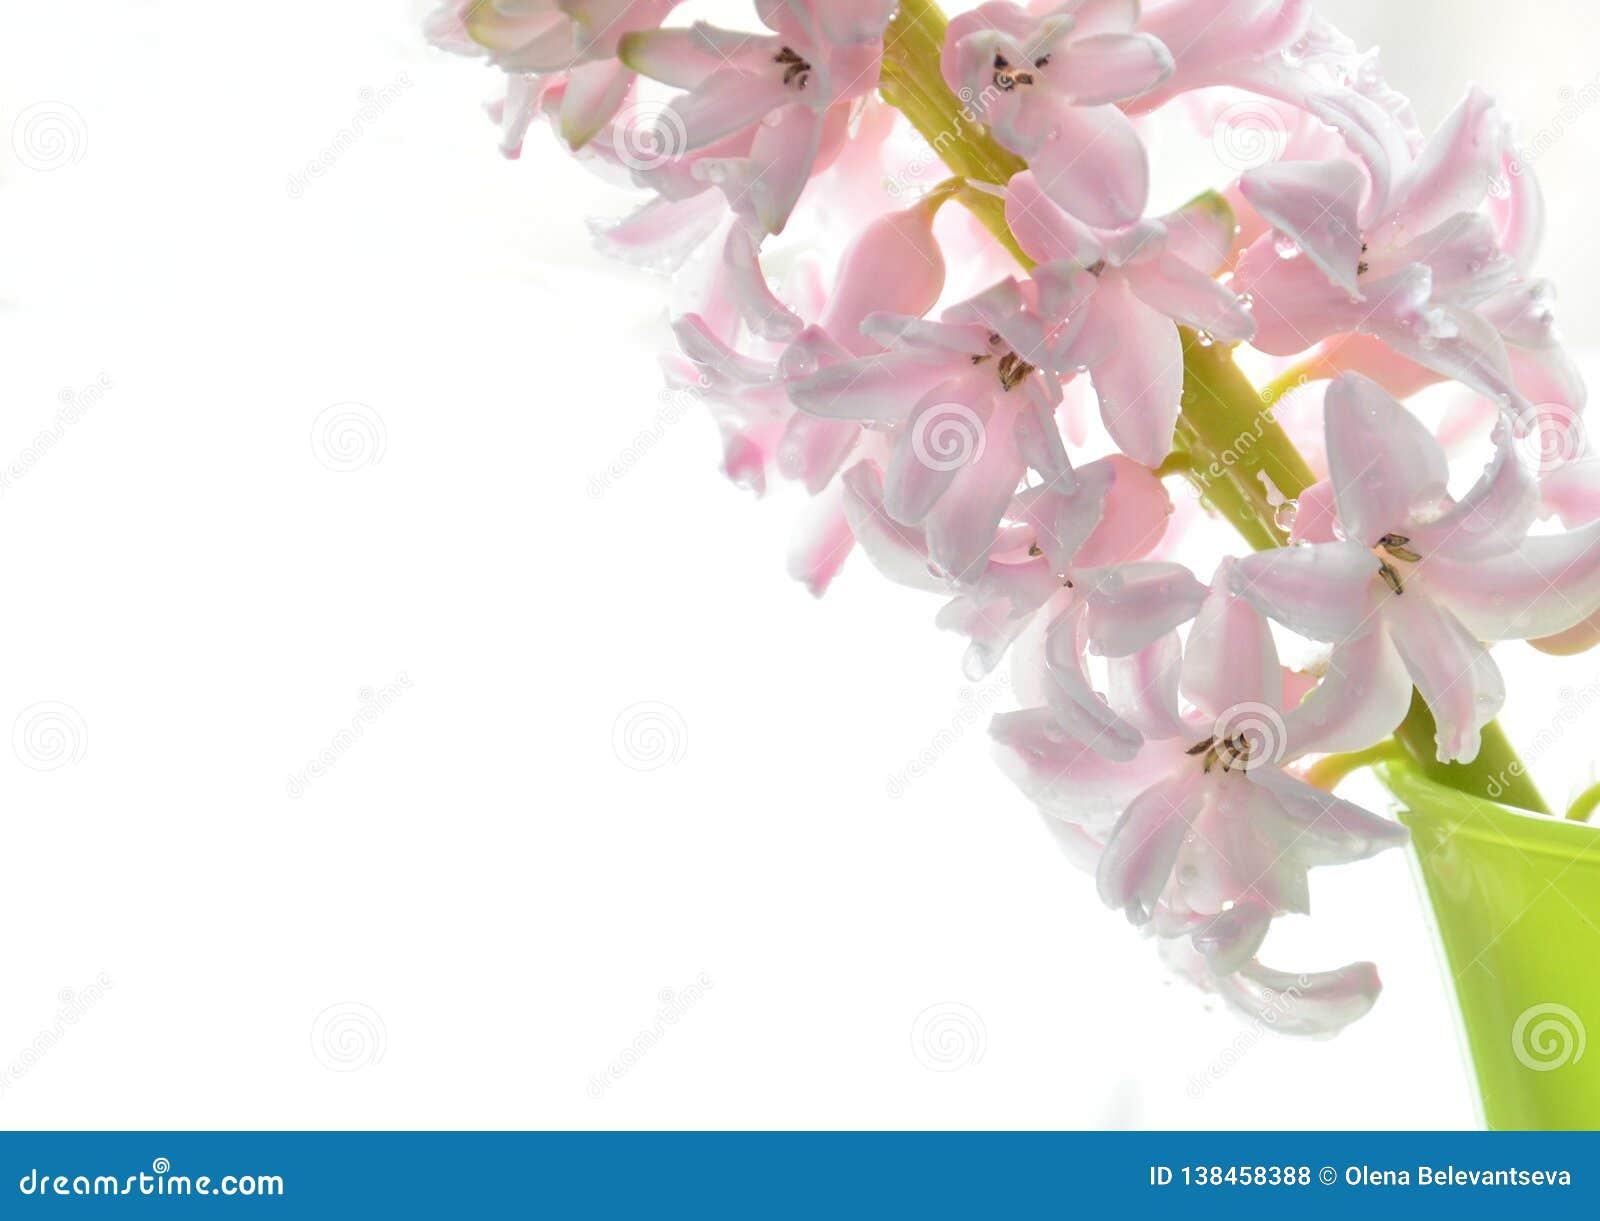 Нежные розовые цветки гиацинта близко вверх, открытый космос для текста, концепция весны и день Валентайн